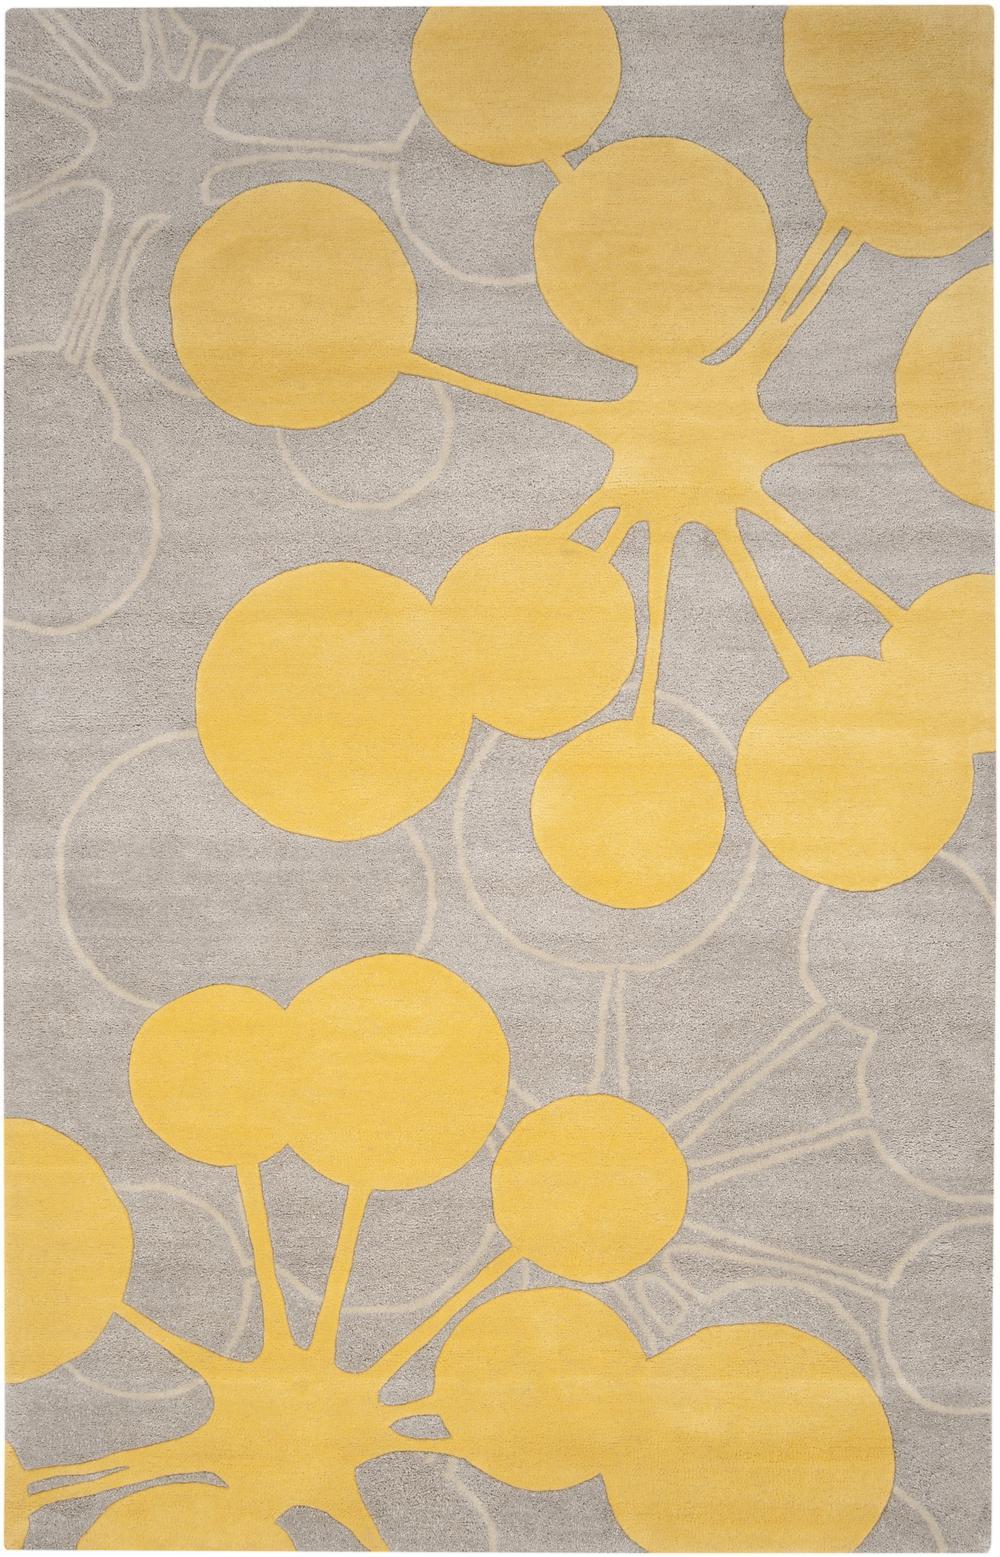 Yellow And Gray Area Rug Home Decor